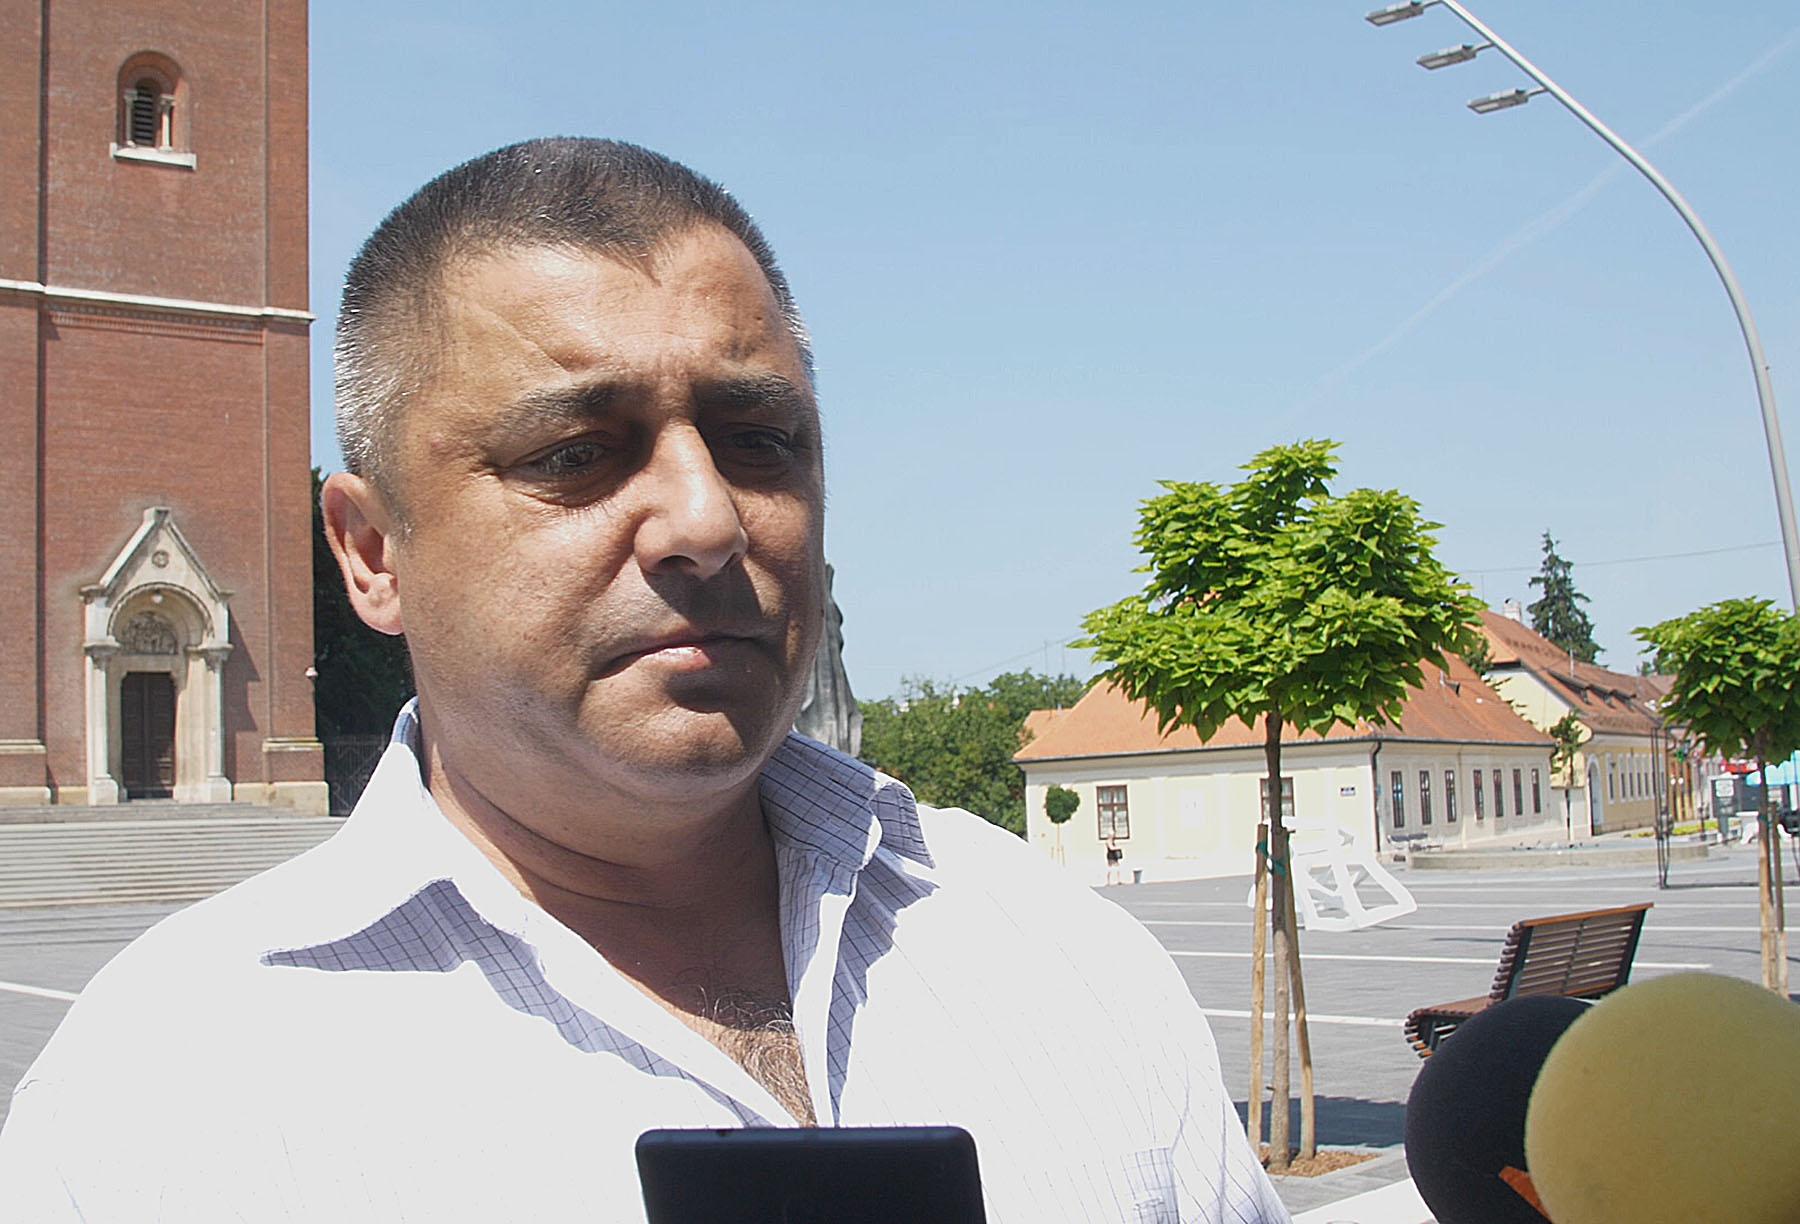 Press konferencija Zorana Vinkovića – aktualno u gradu Đakovu